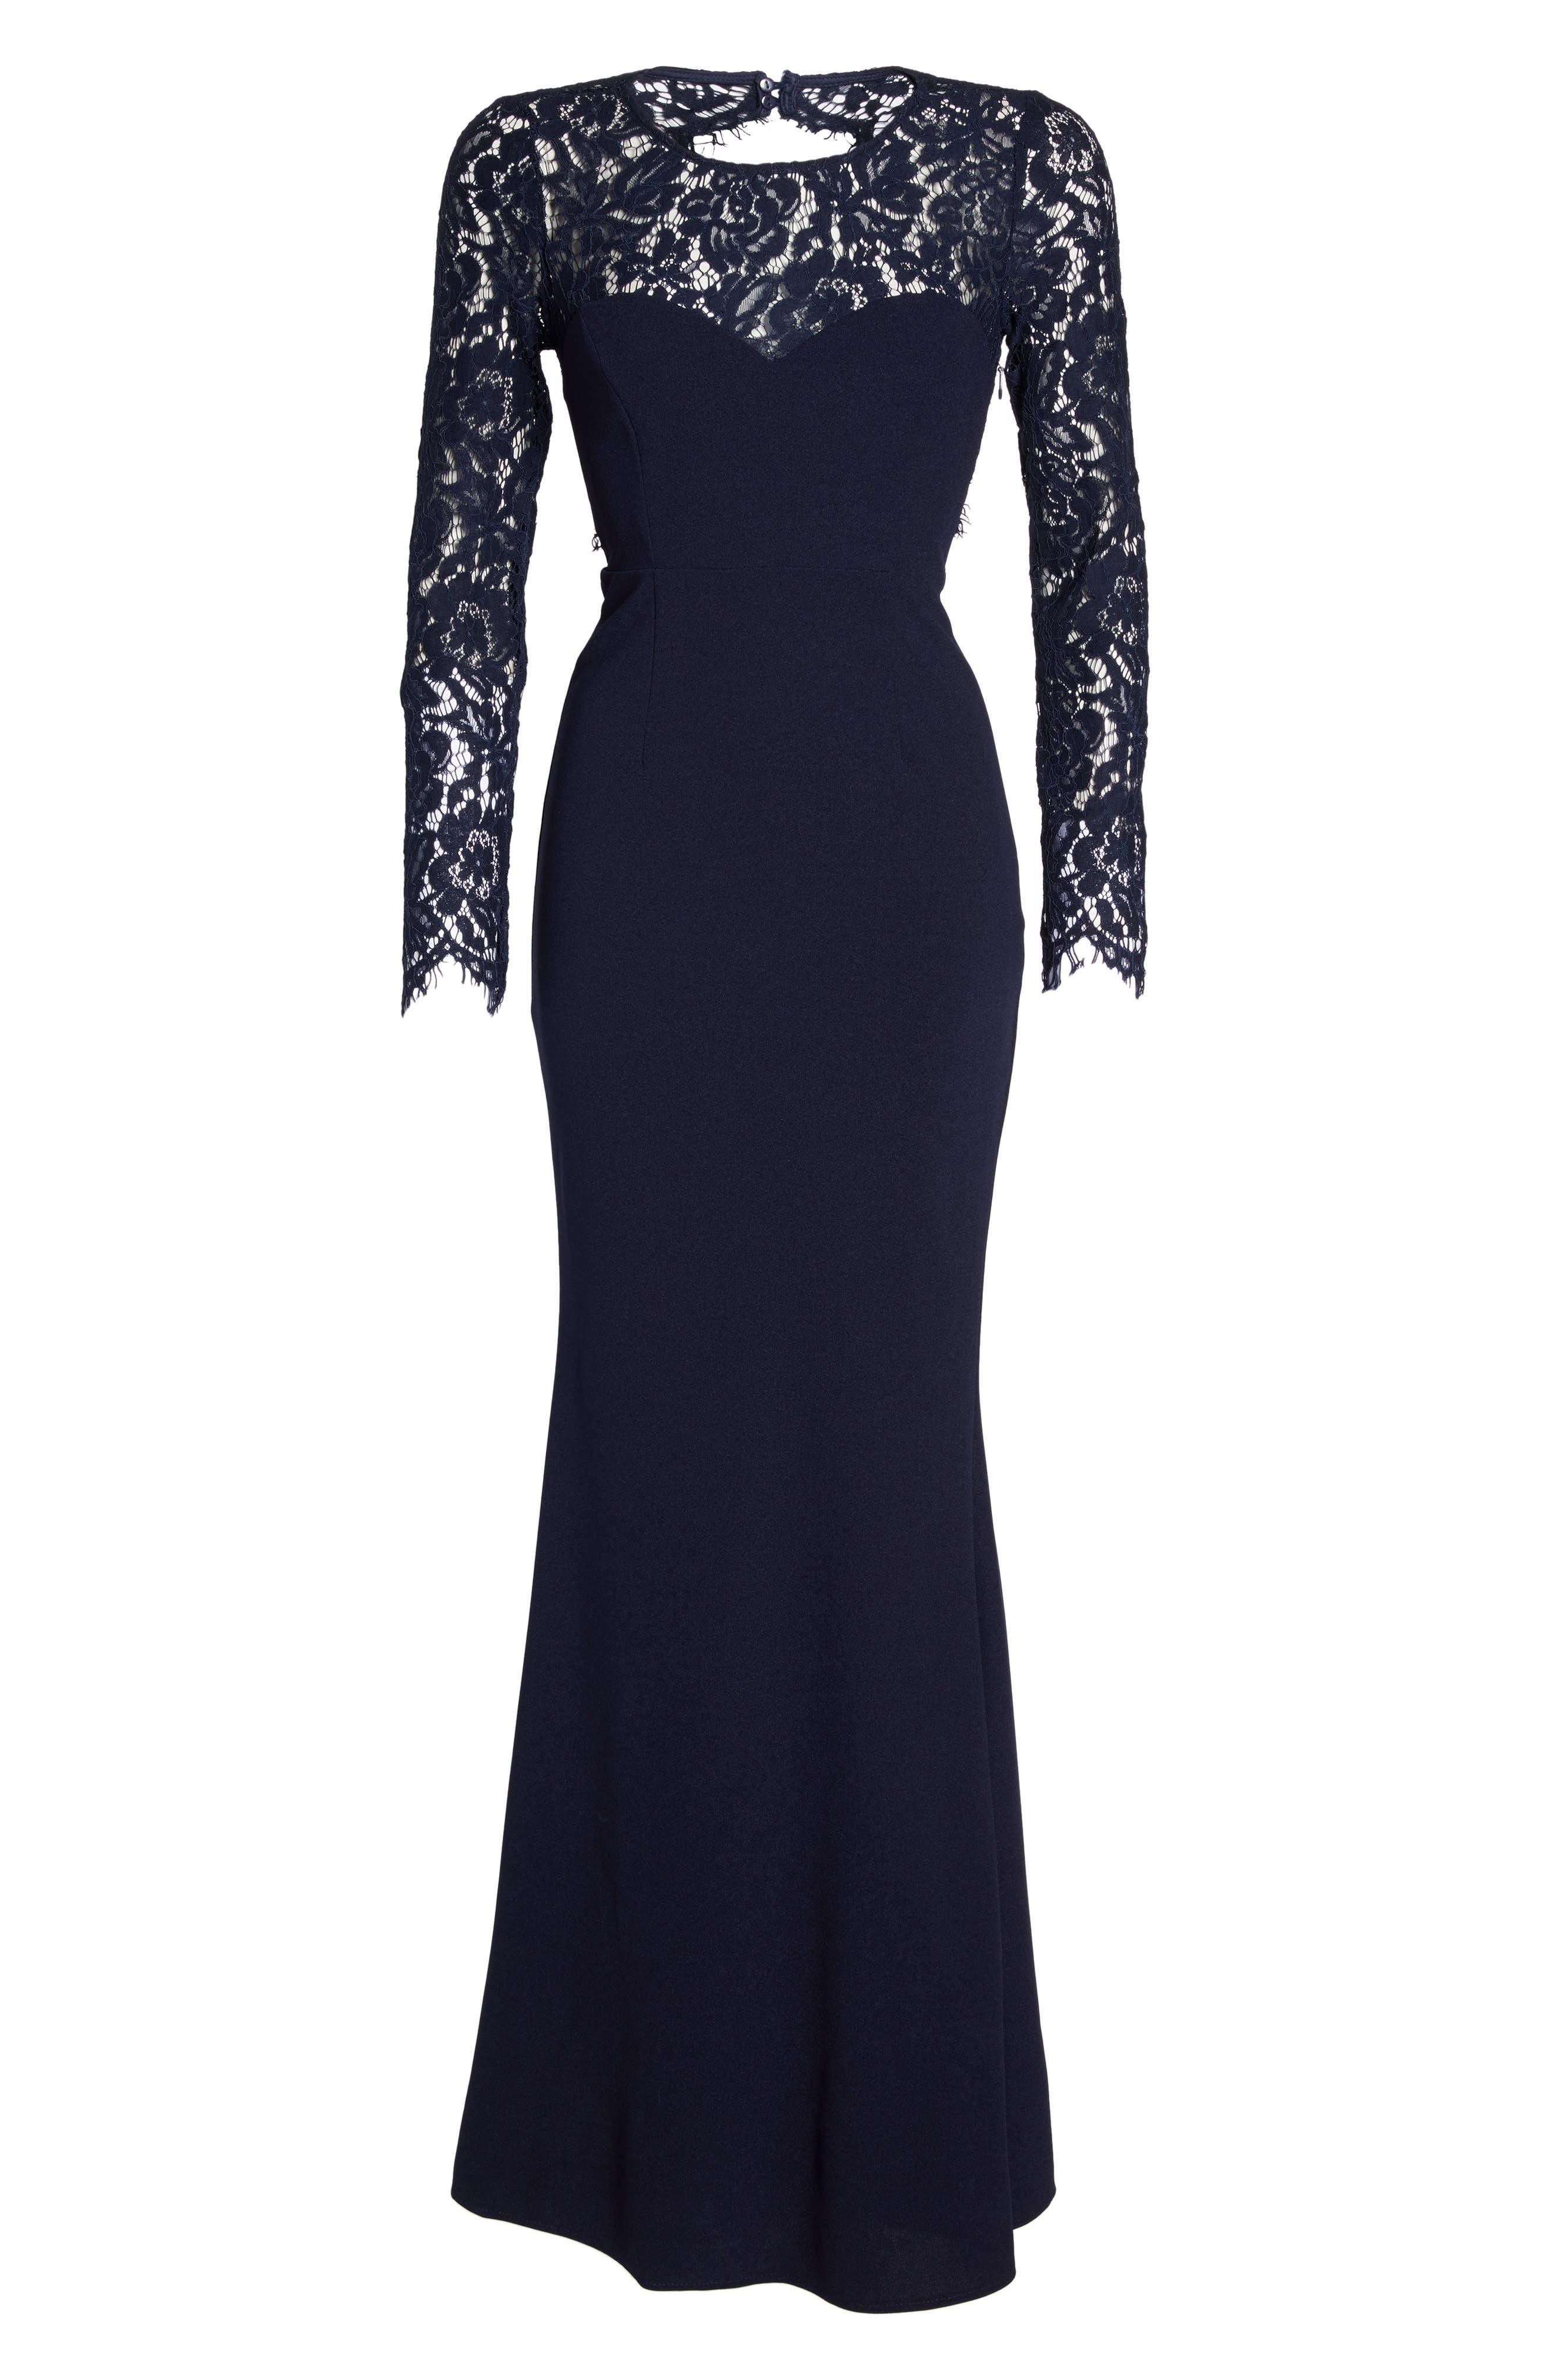 Greylin angie navy maxi dress